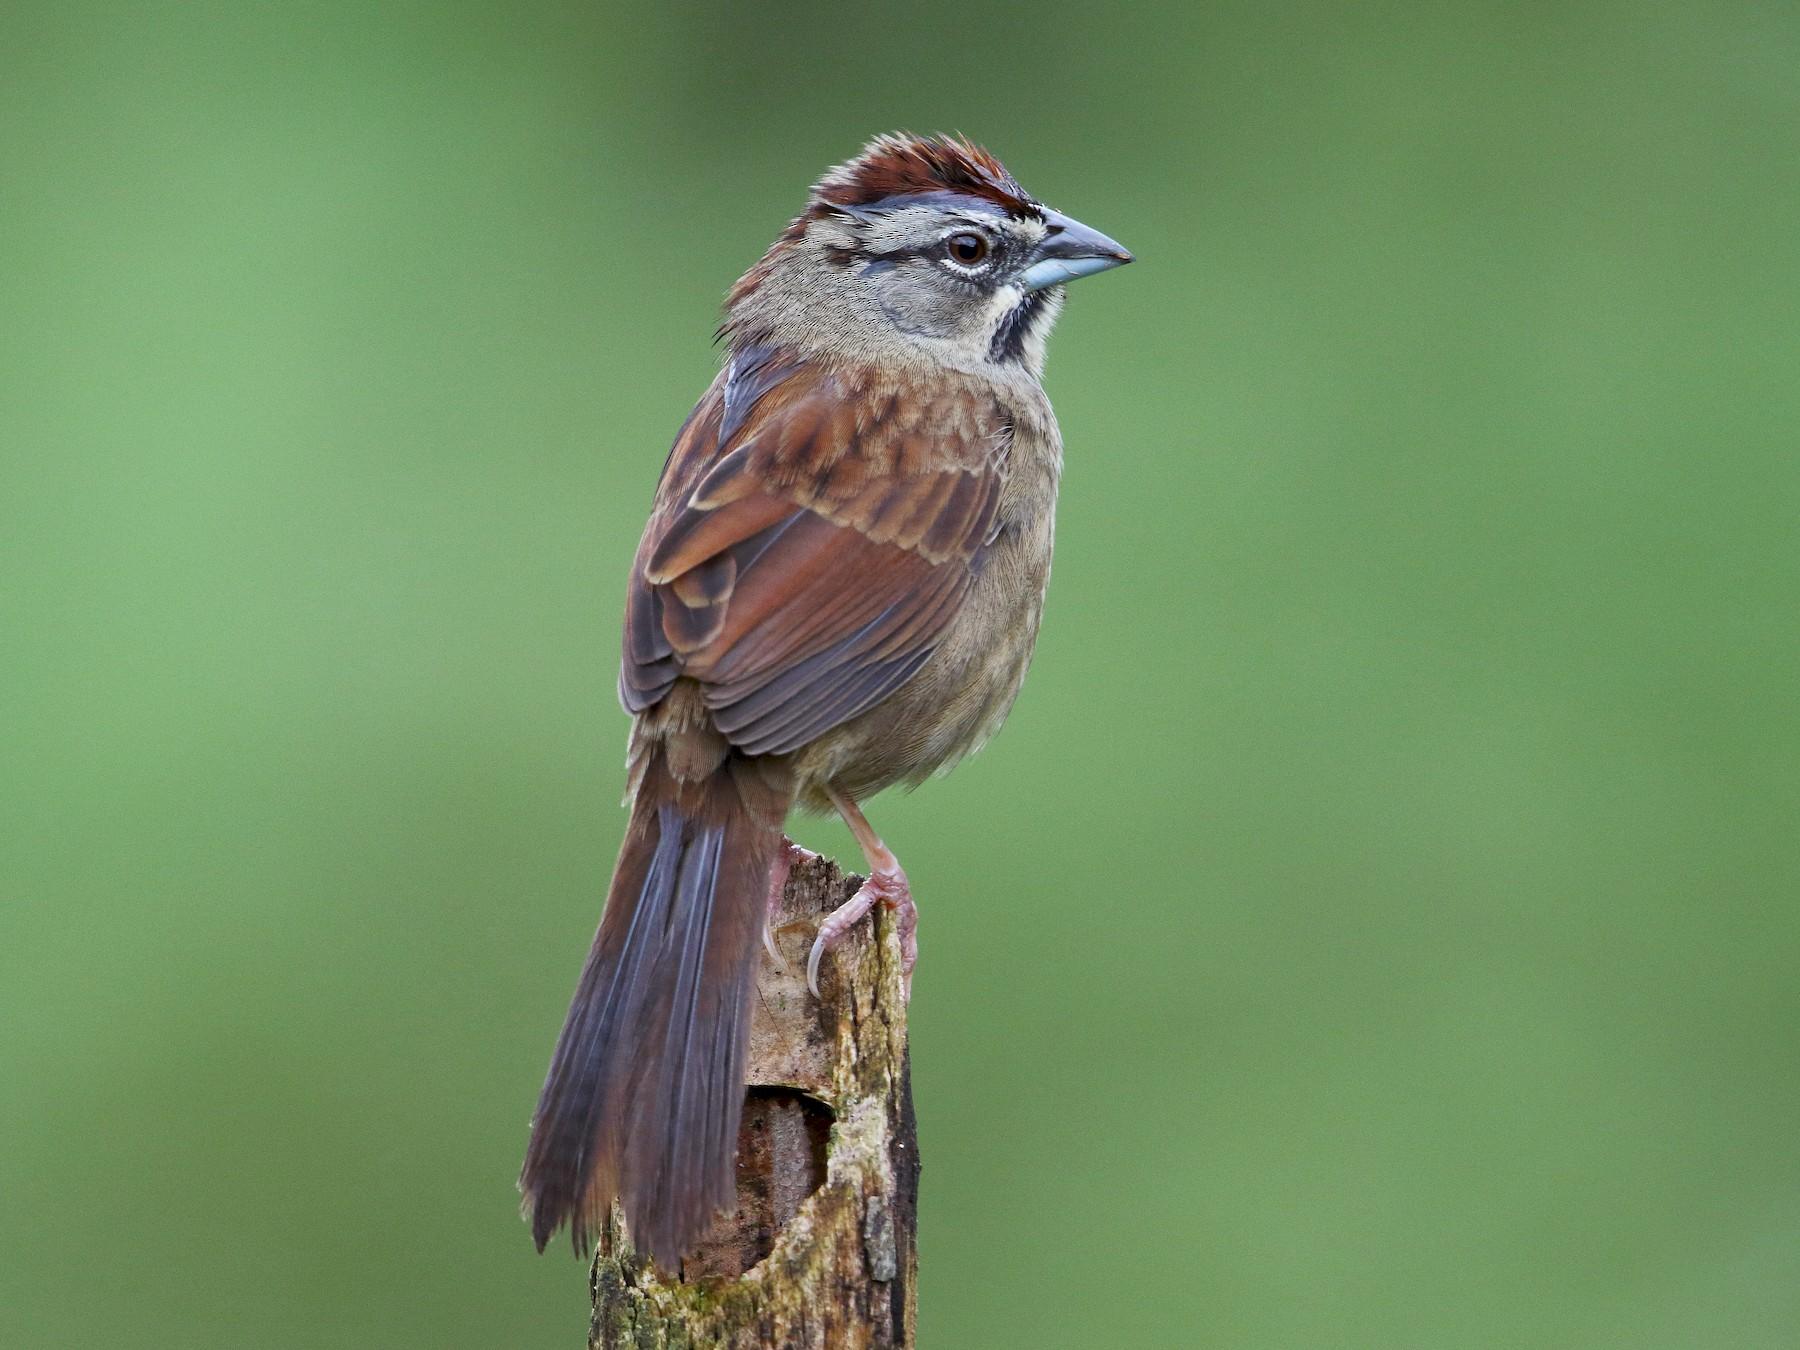 Rusty Sparrow - HBCT 2016 Honduran Roadrunners